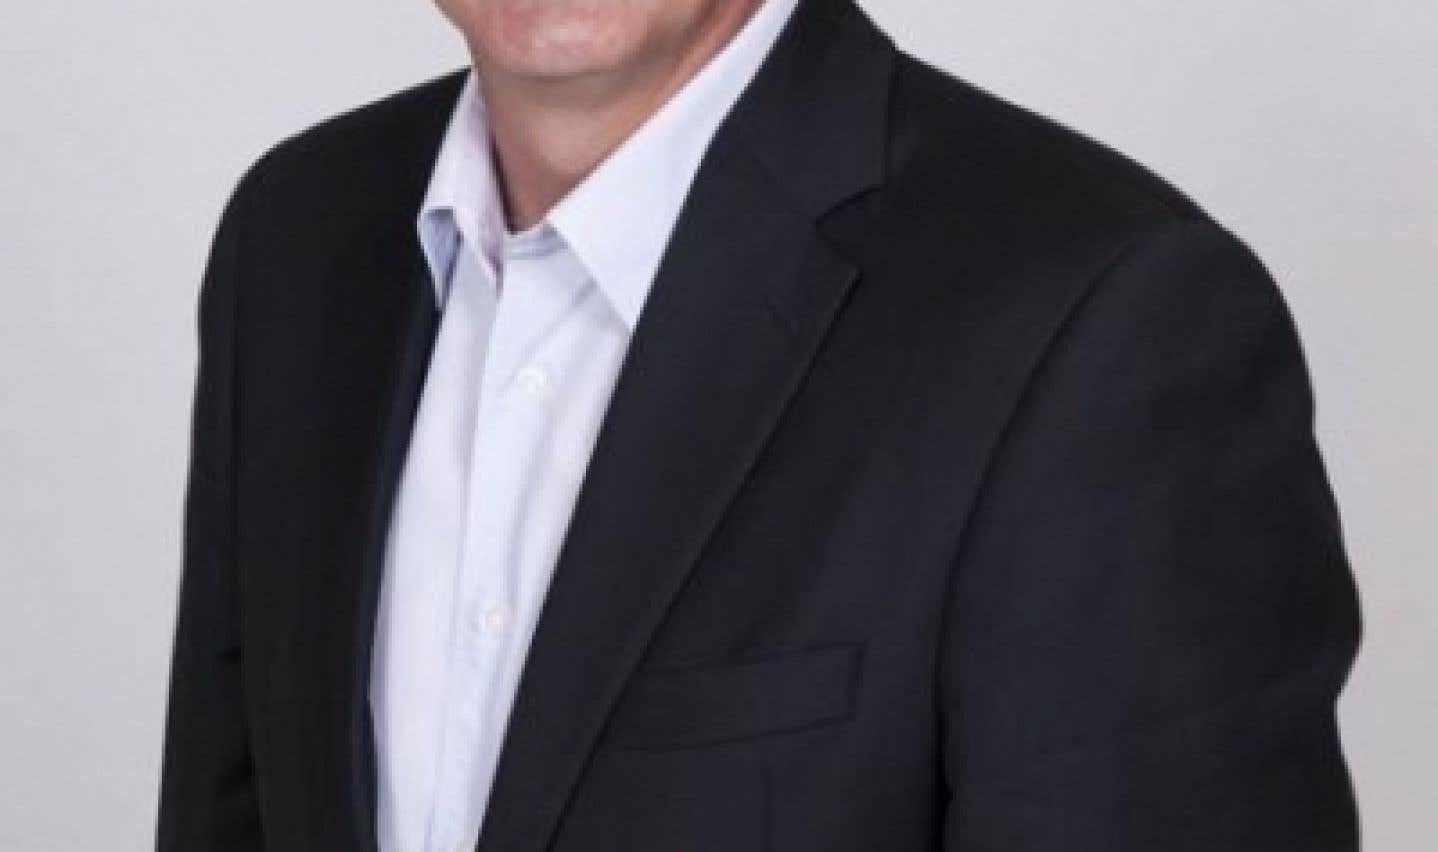 Marcel Groleau, président de l'Union des producteurs agricoles du Québec